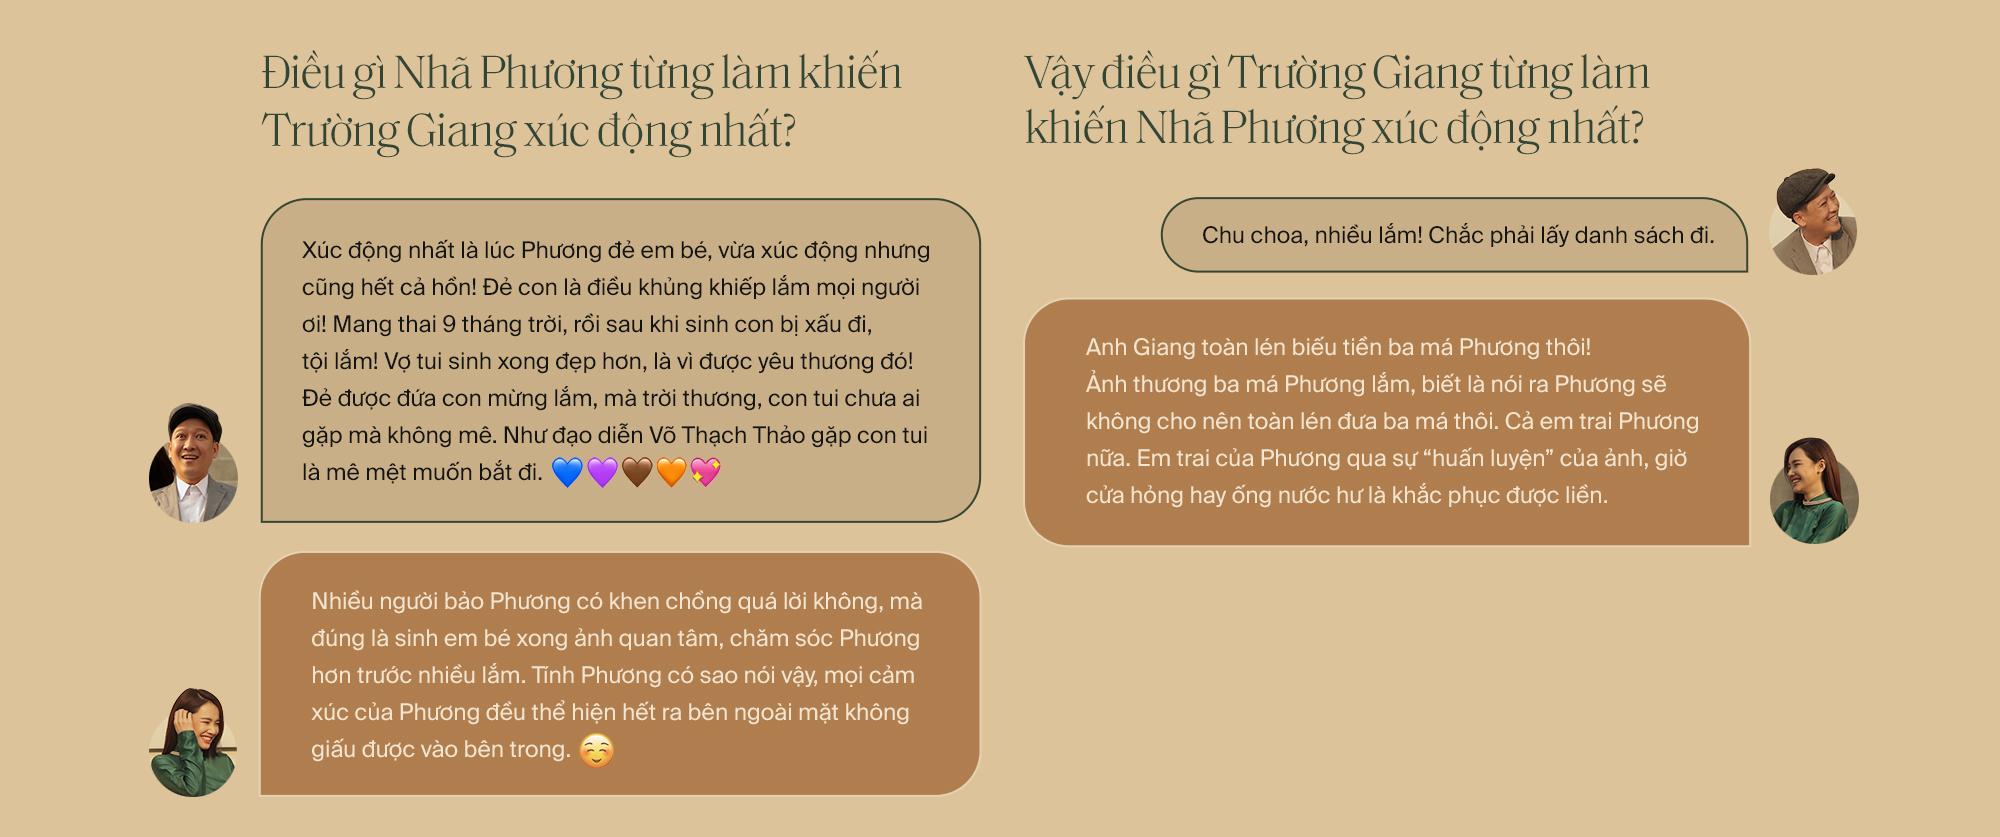 """Lần đầu tiên kể từ khi yêu nhau, Trường Giang - Nhã Phương cùng trả lời phỏng vấn: """"Vợ tui sướng nhất quận Phú Nhuận luôn"""" - Ảnh 29."""